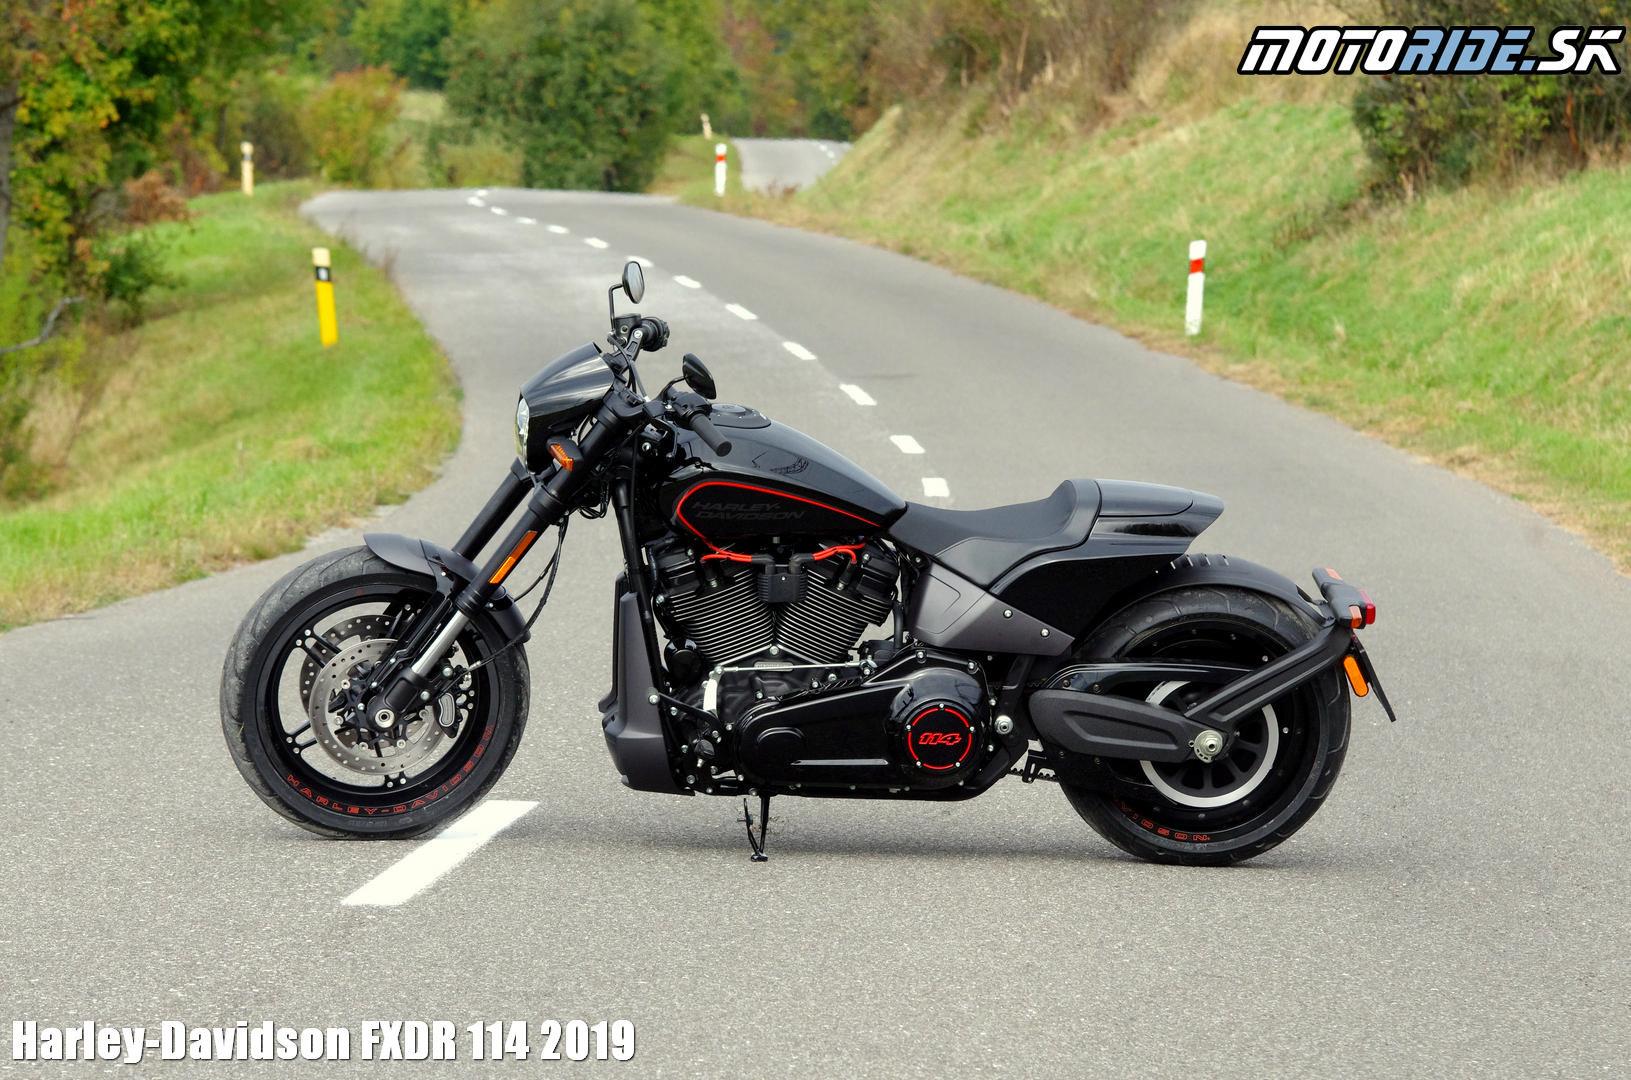 cd494b140d5a Video-Foto Galéria - Ducati - 50% z ava na oble enie modelov 2008!   motoride.sk